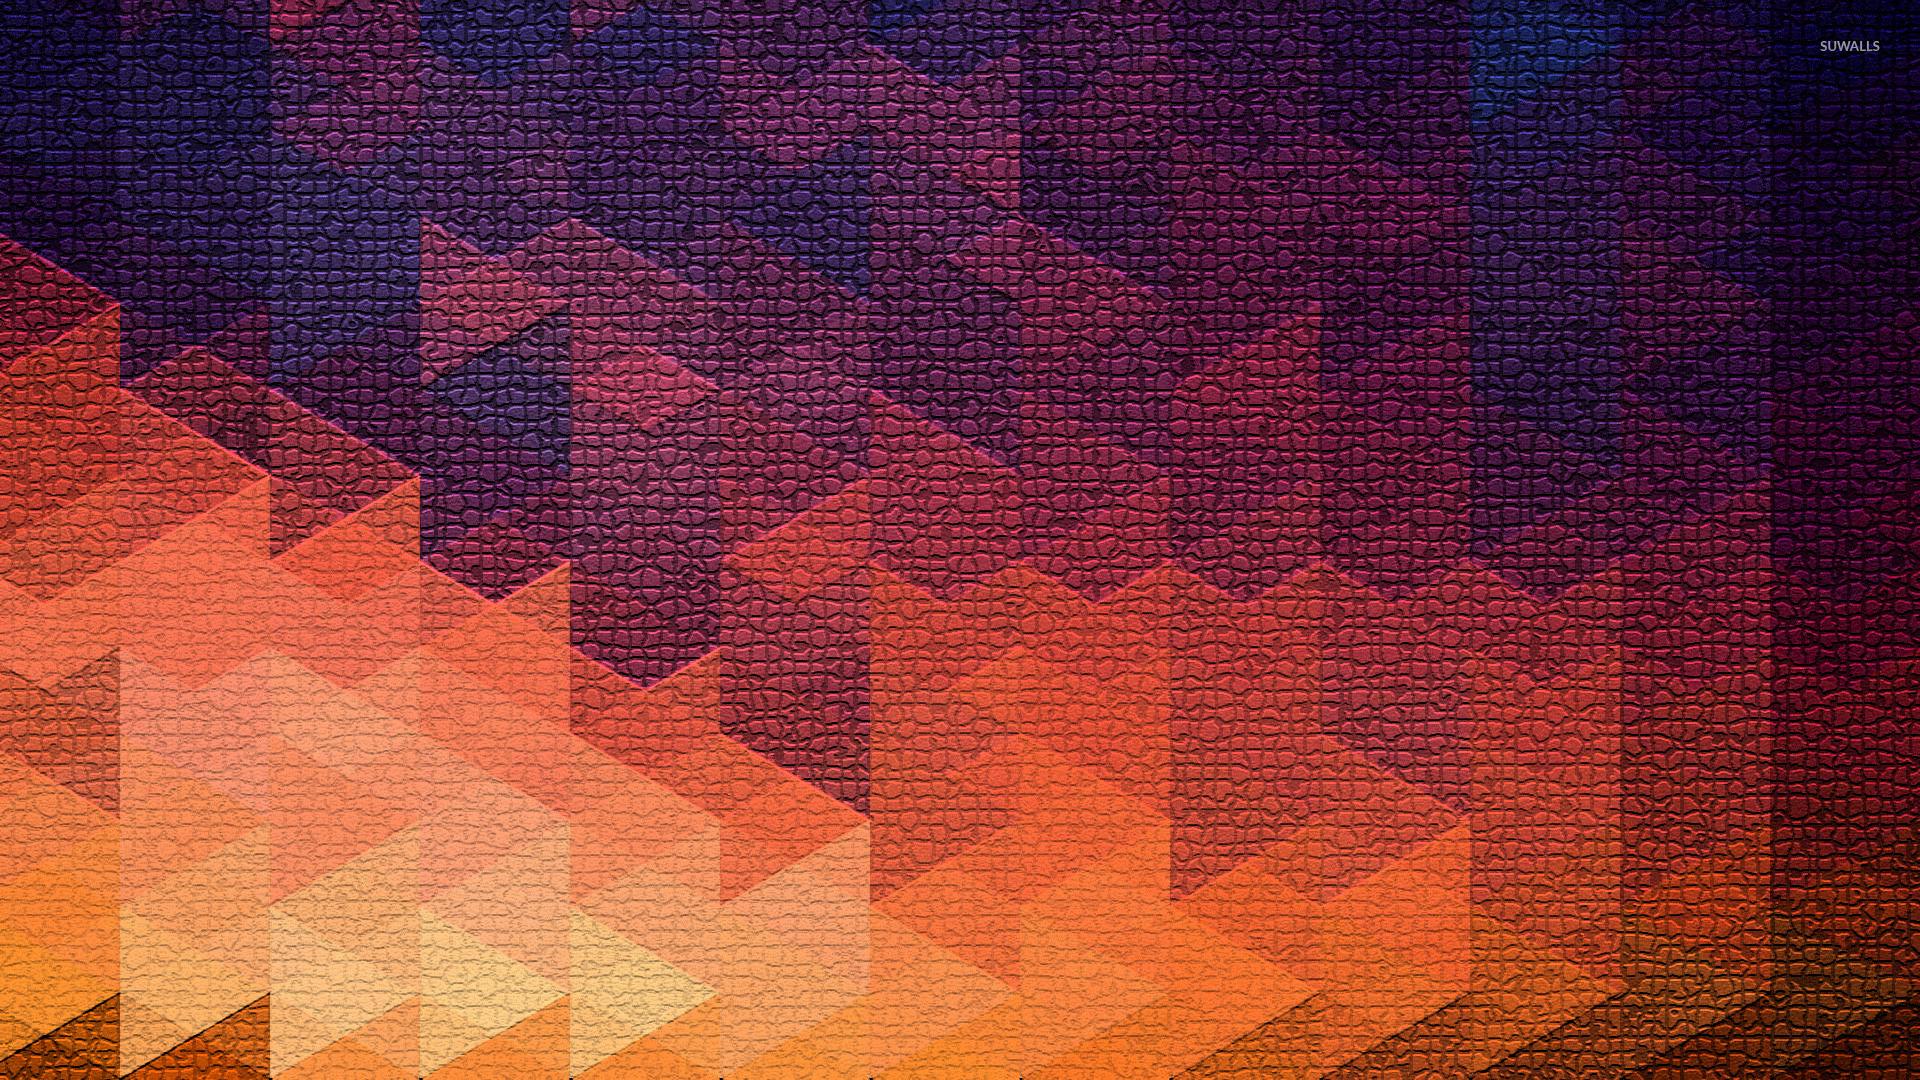 mosaic 2 wallpaper abstract wallpapers 16411